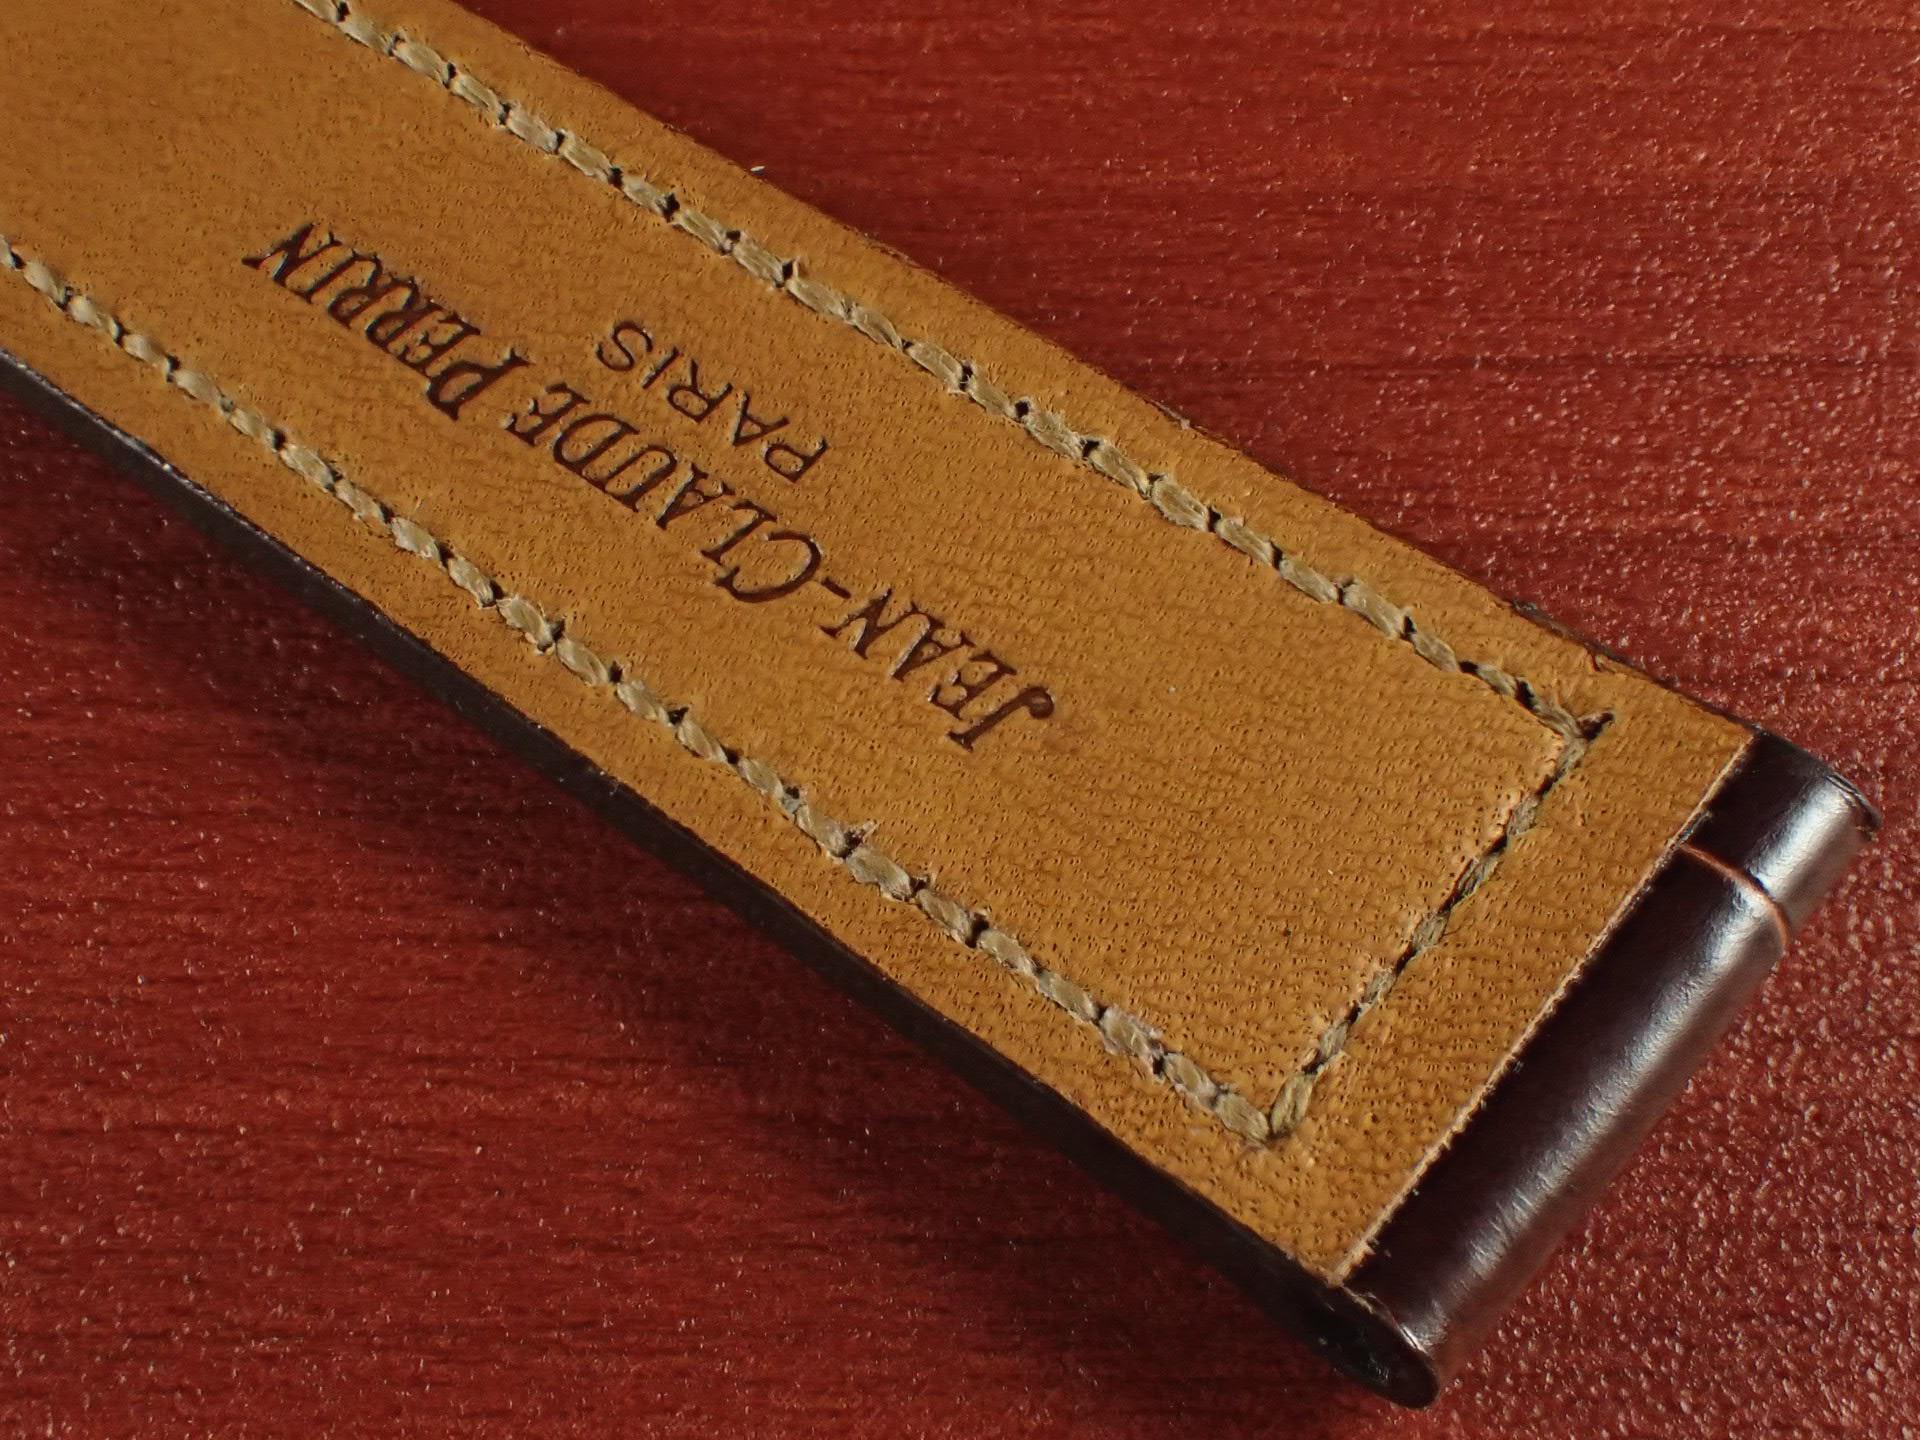 ジャン・クロード ペラン革ベルト クロコダイル タバコブラウン(シャイニー) 18mmの写真6枚目